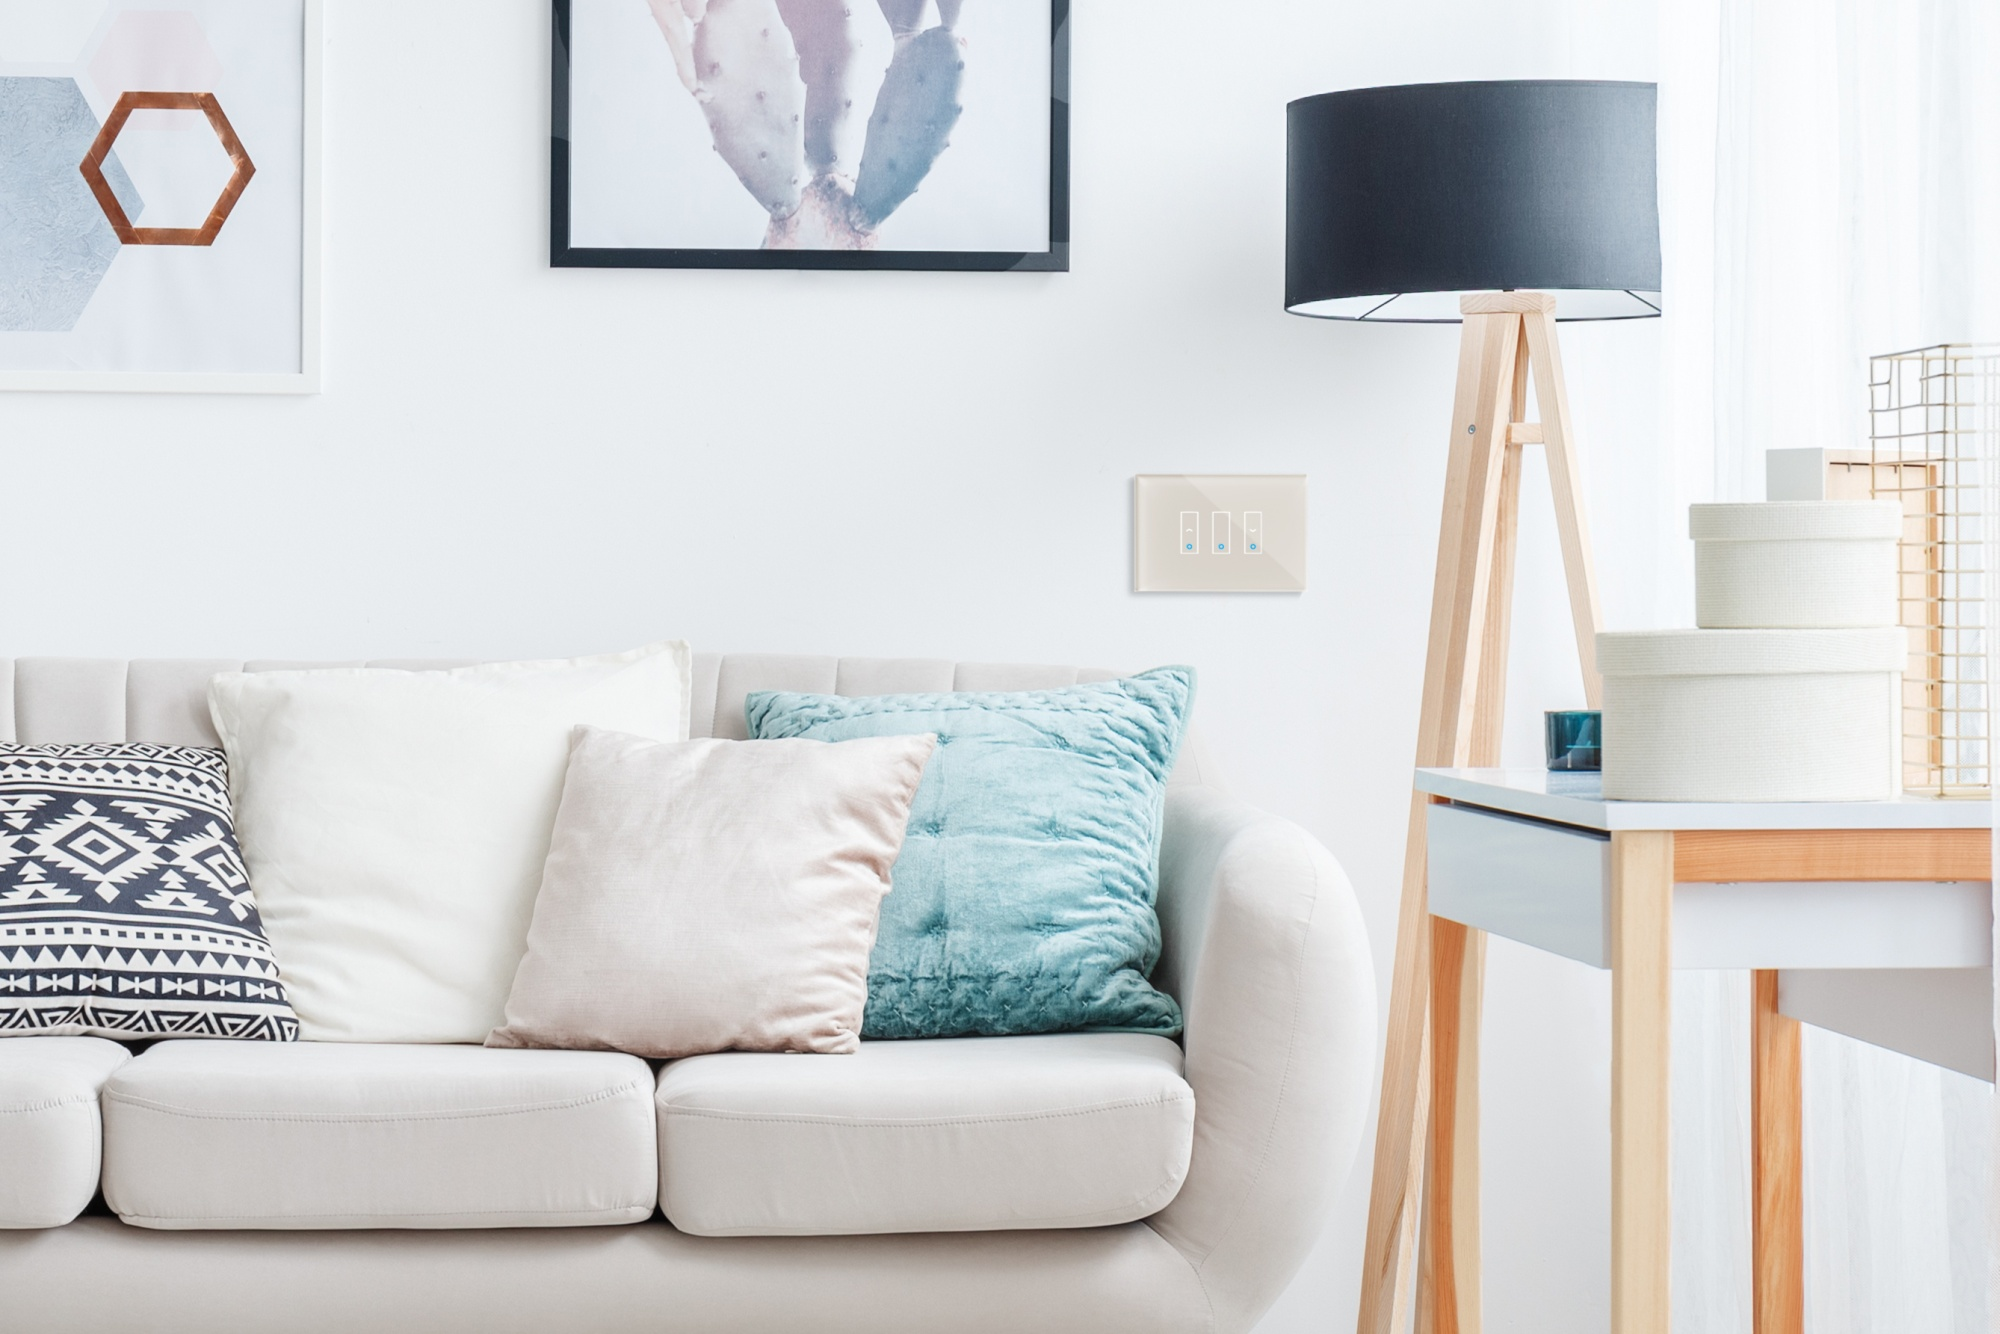 iotty è un interruttore intelligente per luci, tende e tapparelle